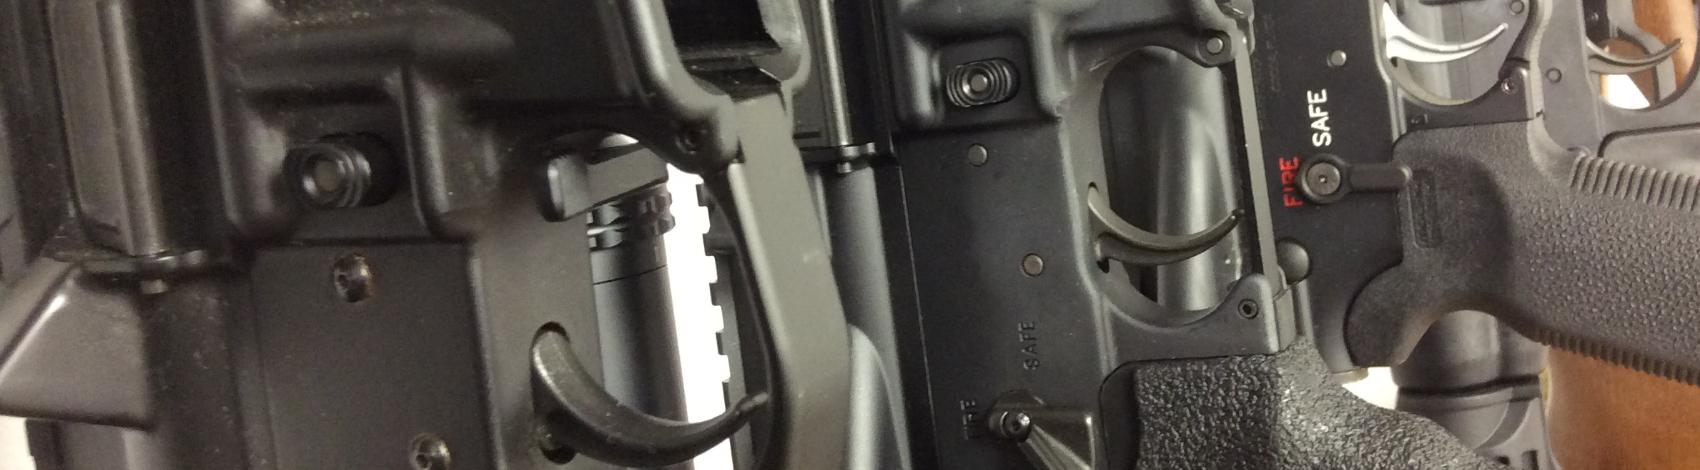 AR-15-M4